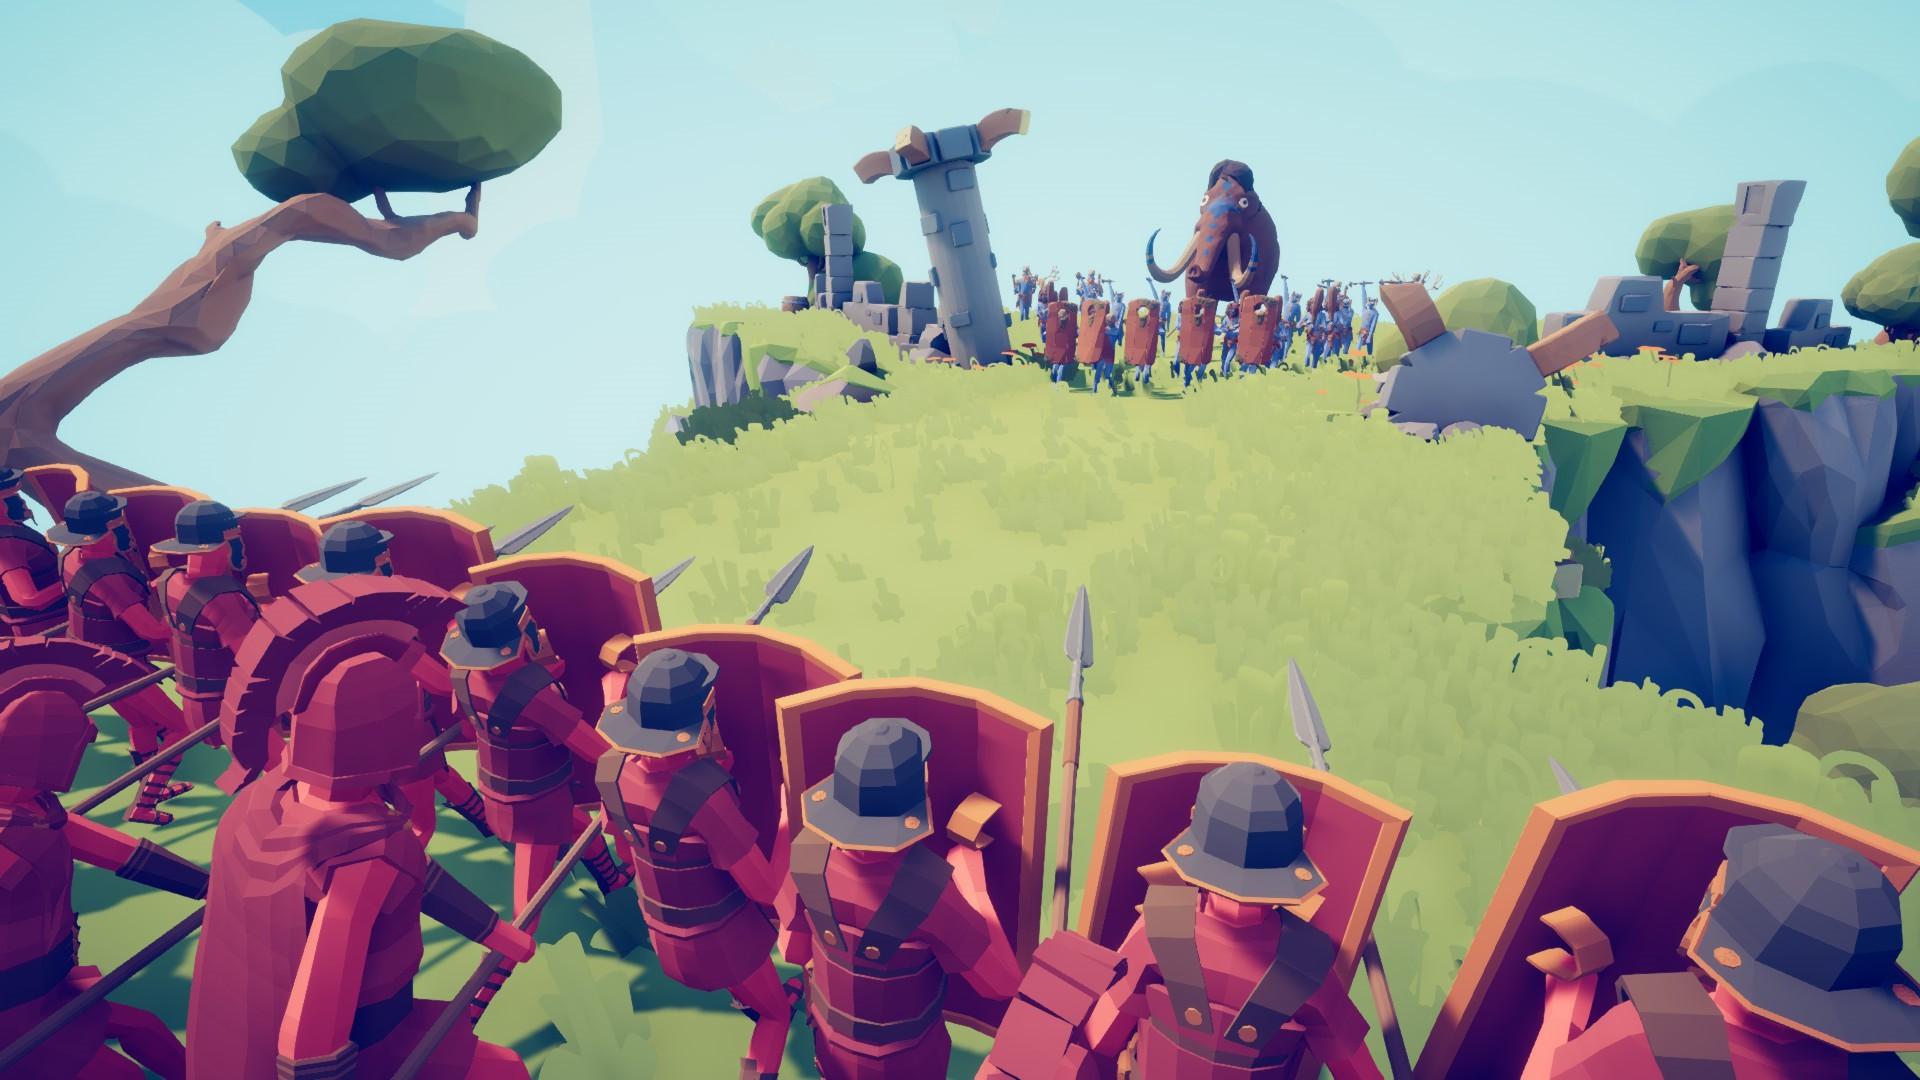 【游戏资讯】Epic喜加一:好评如潮的逗比游戏《全面战争模拟器》